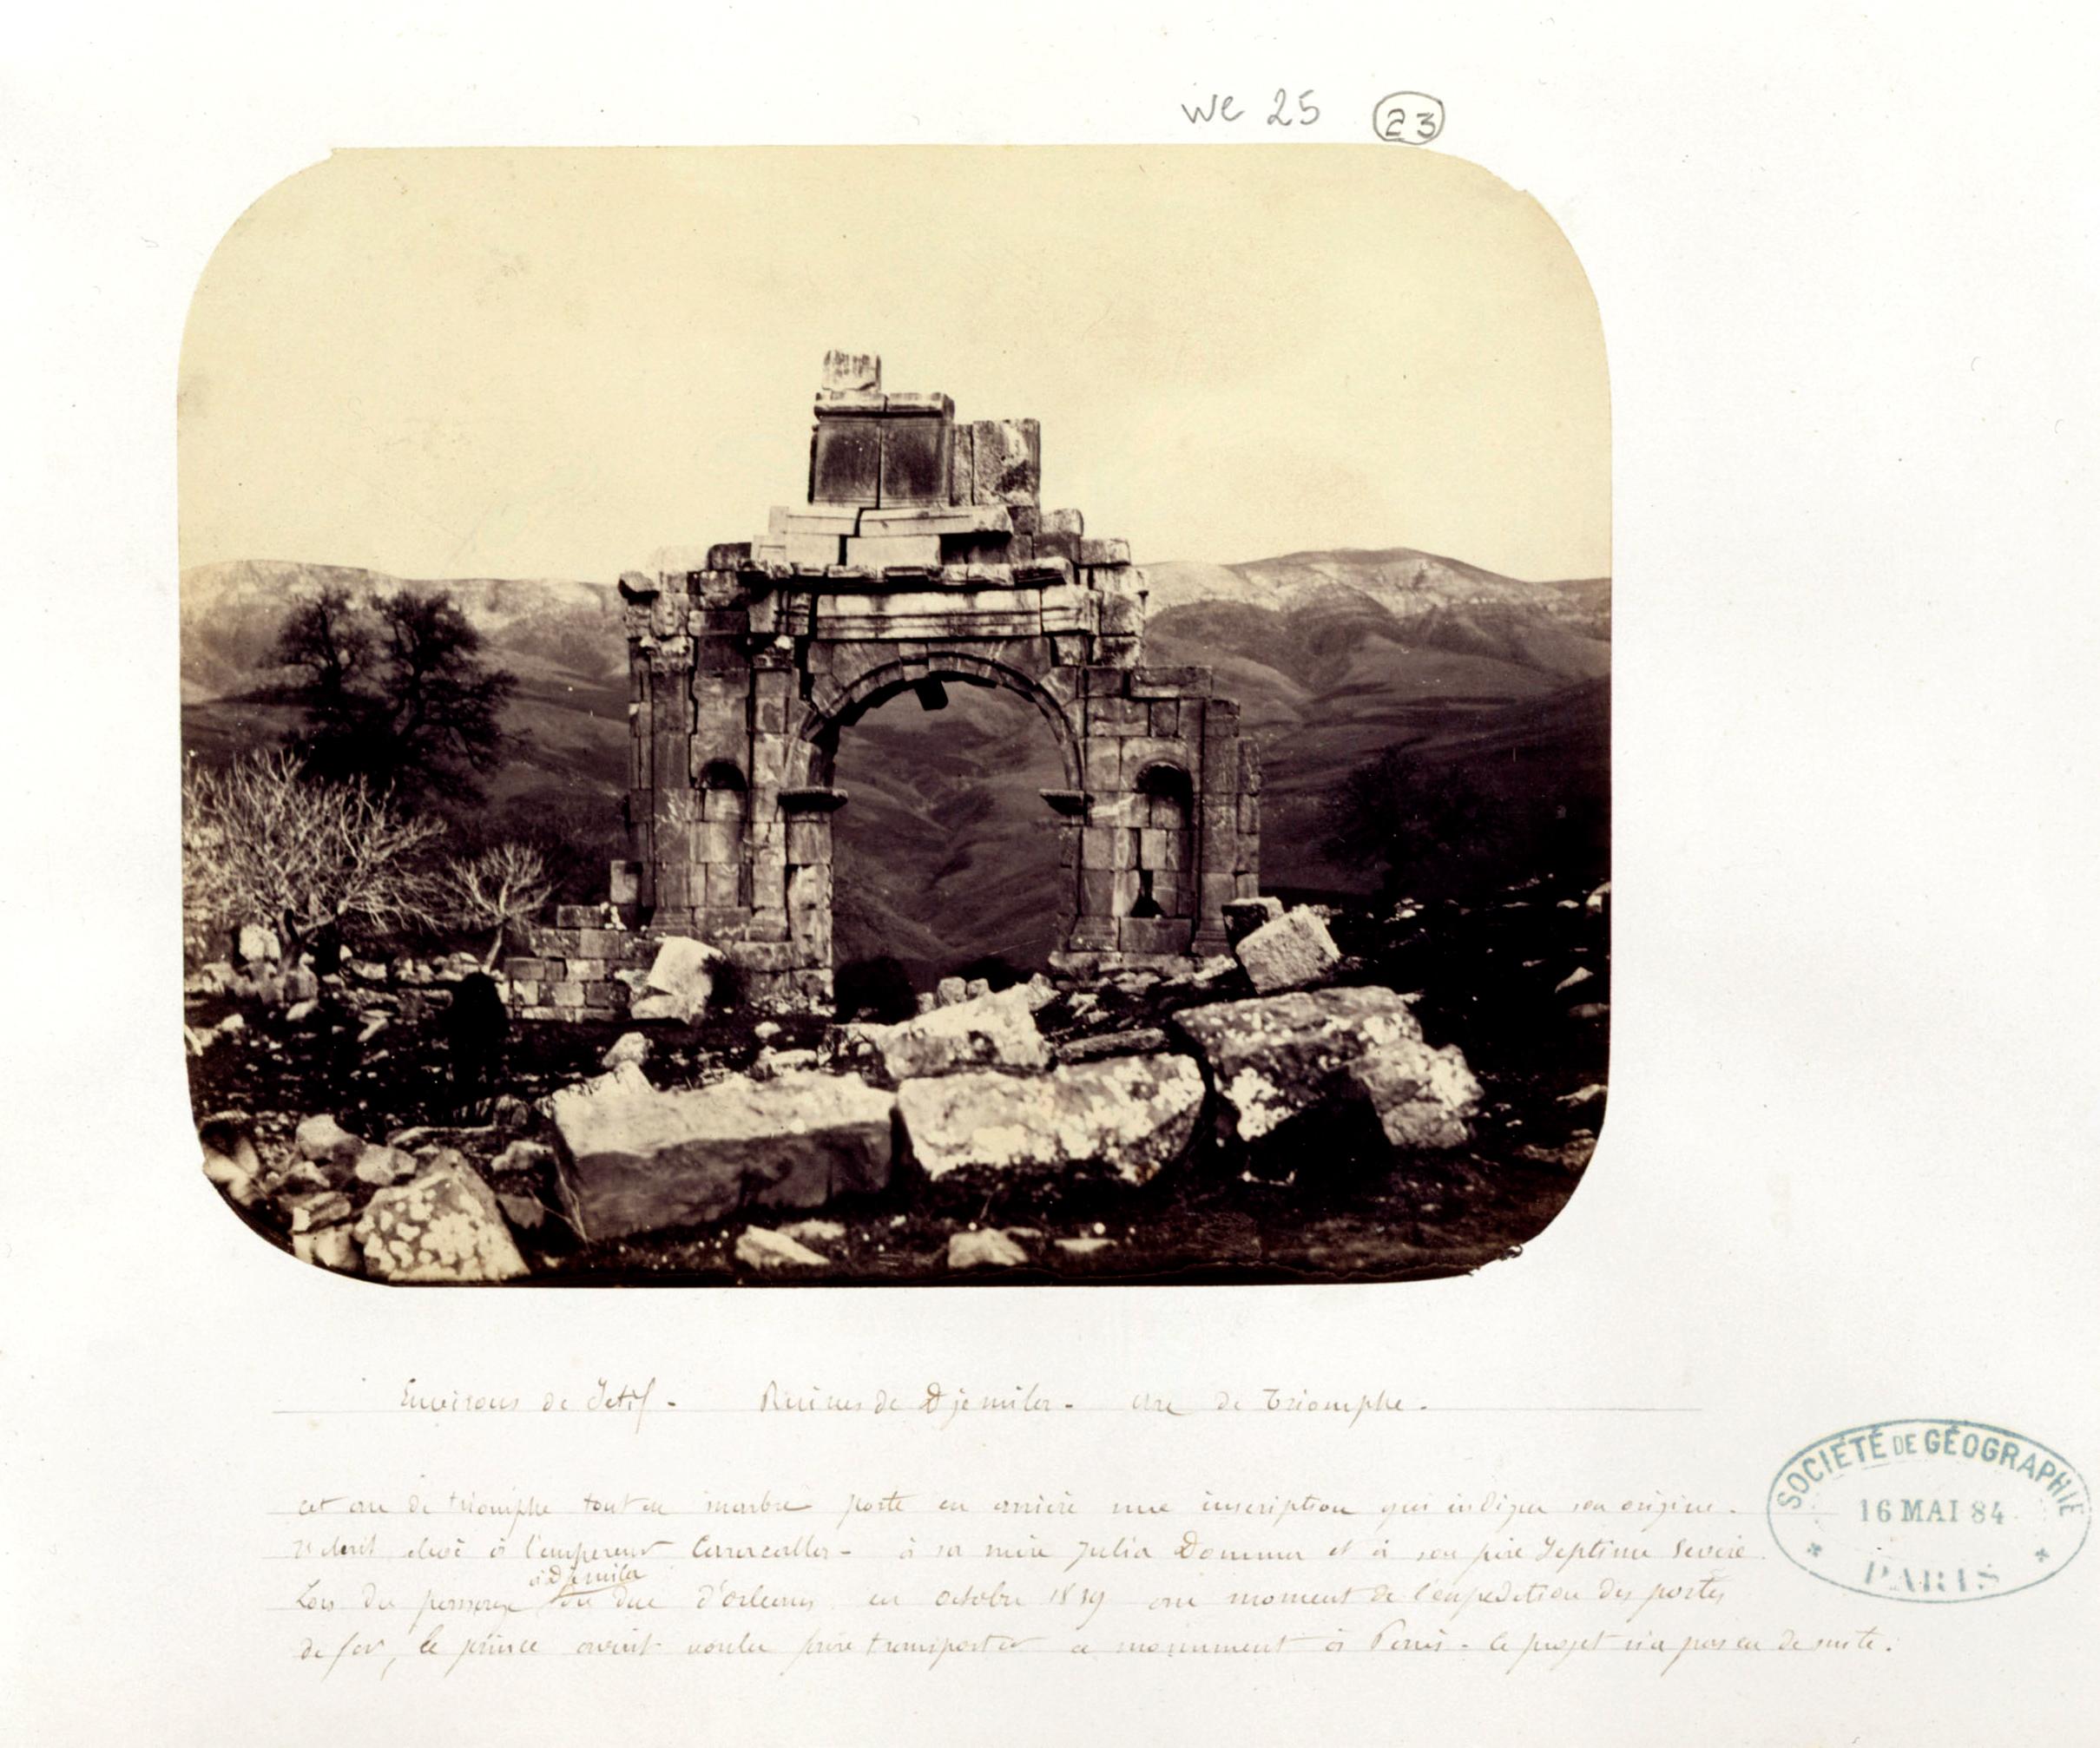 Capitaine de Courcival, Environs de Sétif, ruines de Djemila, arc de triomphe, 1861-1862, fonds Société de Géographie, SGE SG WE-25